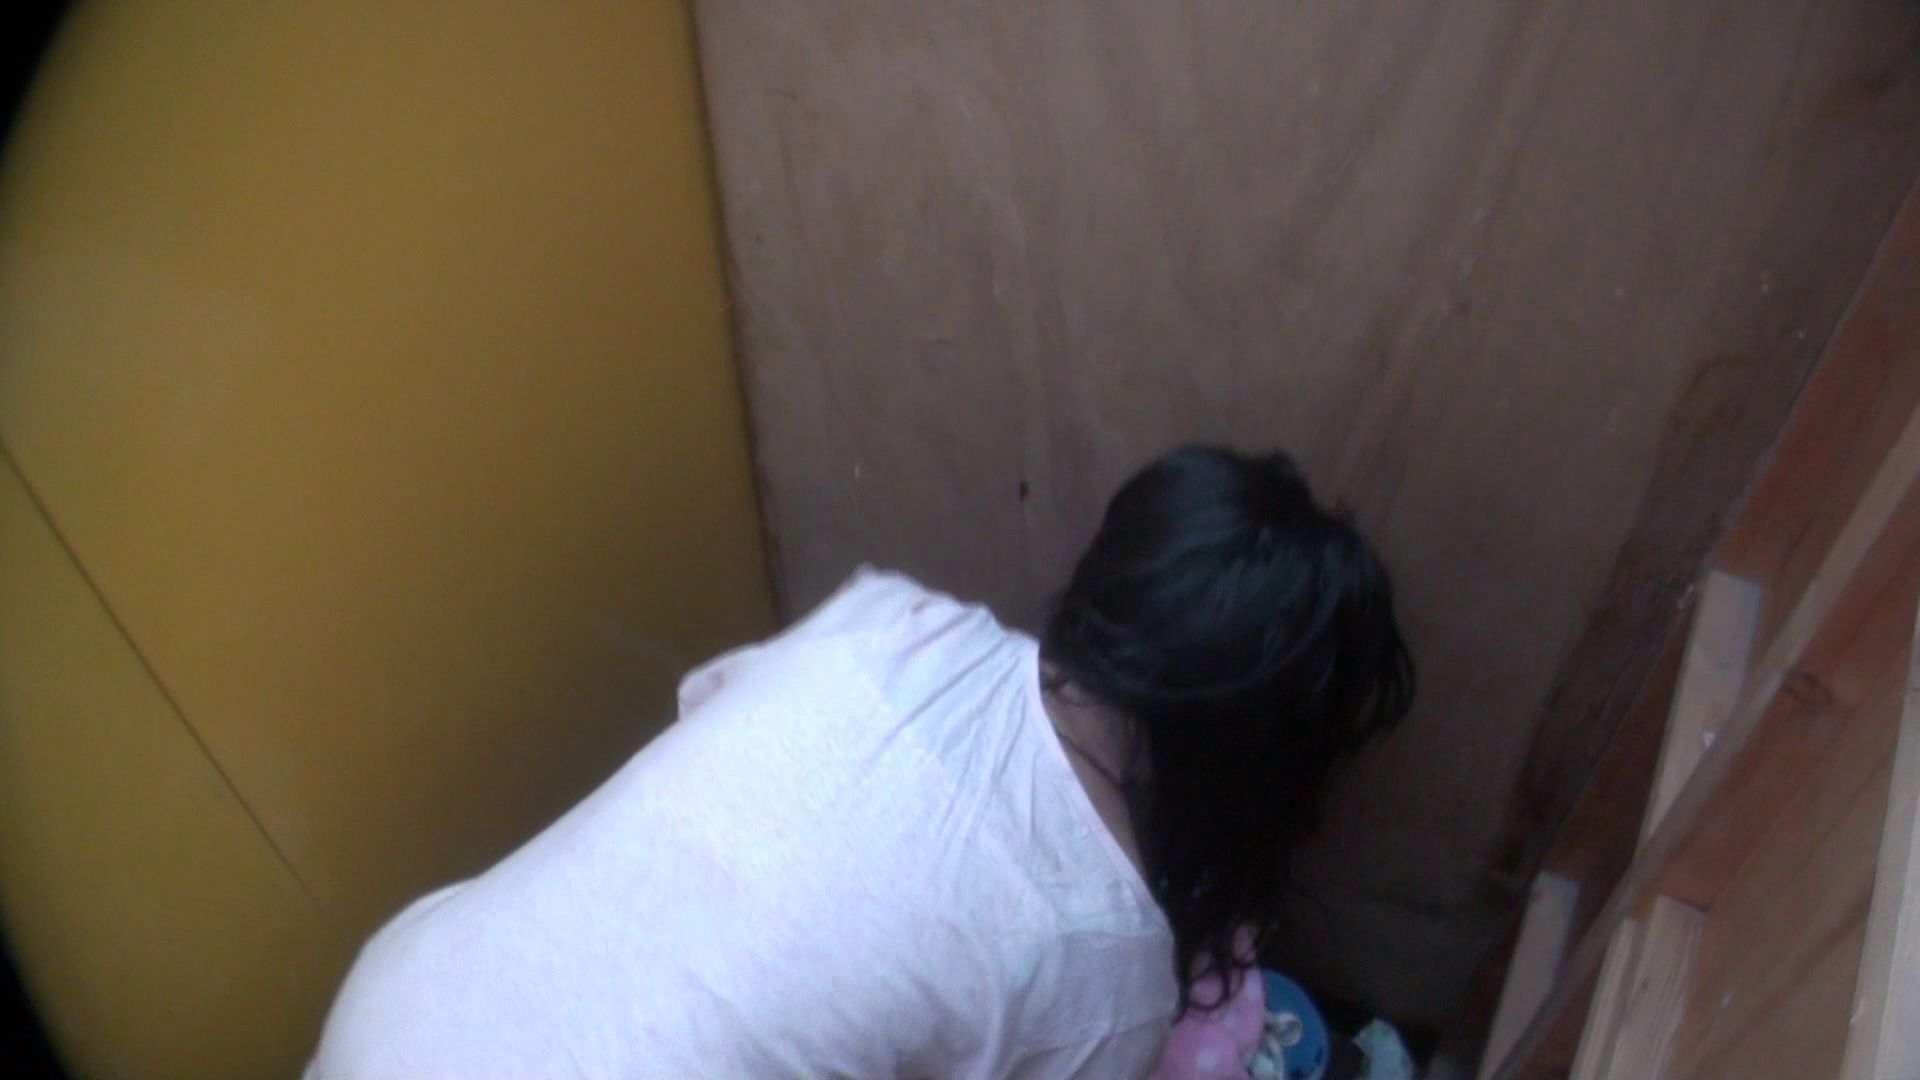 シャワールームは超!!危険な香りVol.13 ムッチムチのいやらしい身体つき 高画質  76pic 18